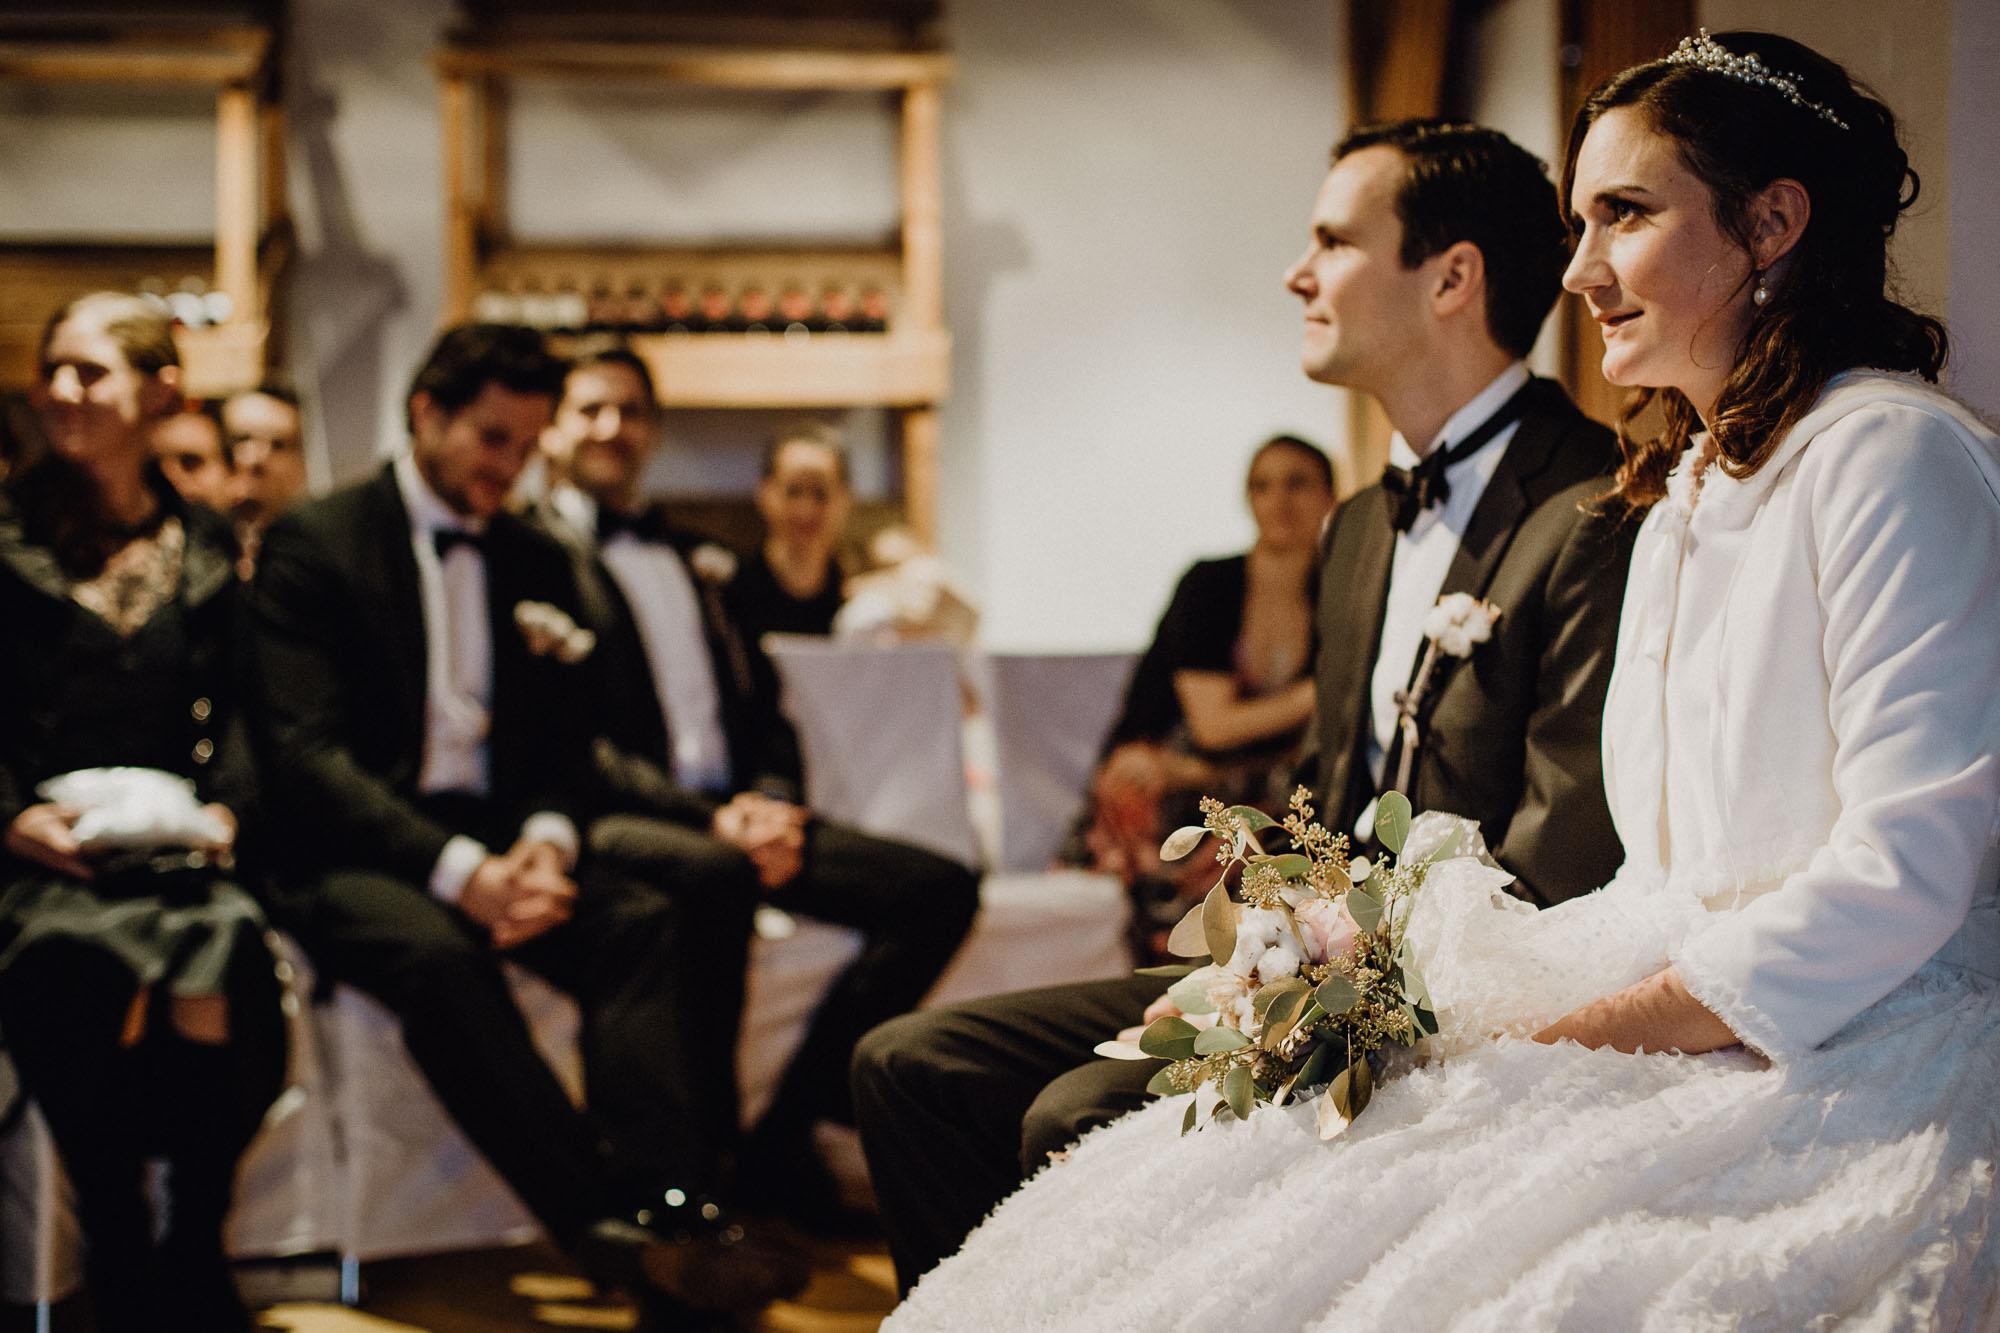 raissa simon photography destination wedding munich bayrischer wald winter snow 047 - Christine + Benjamin